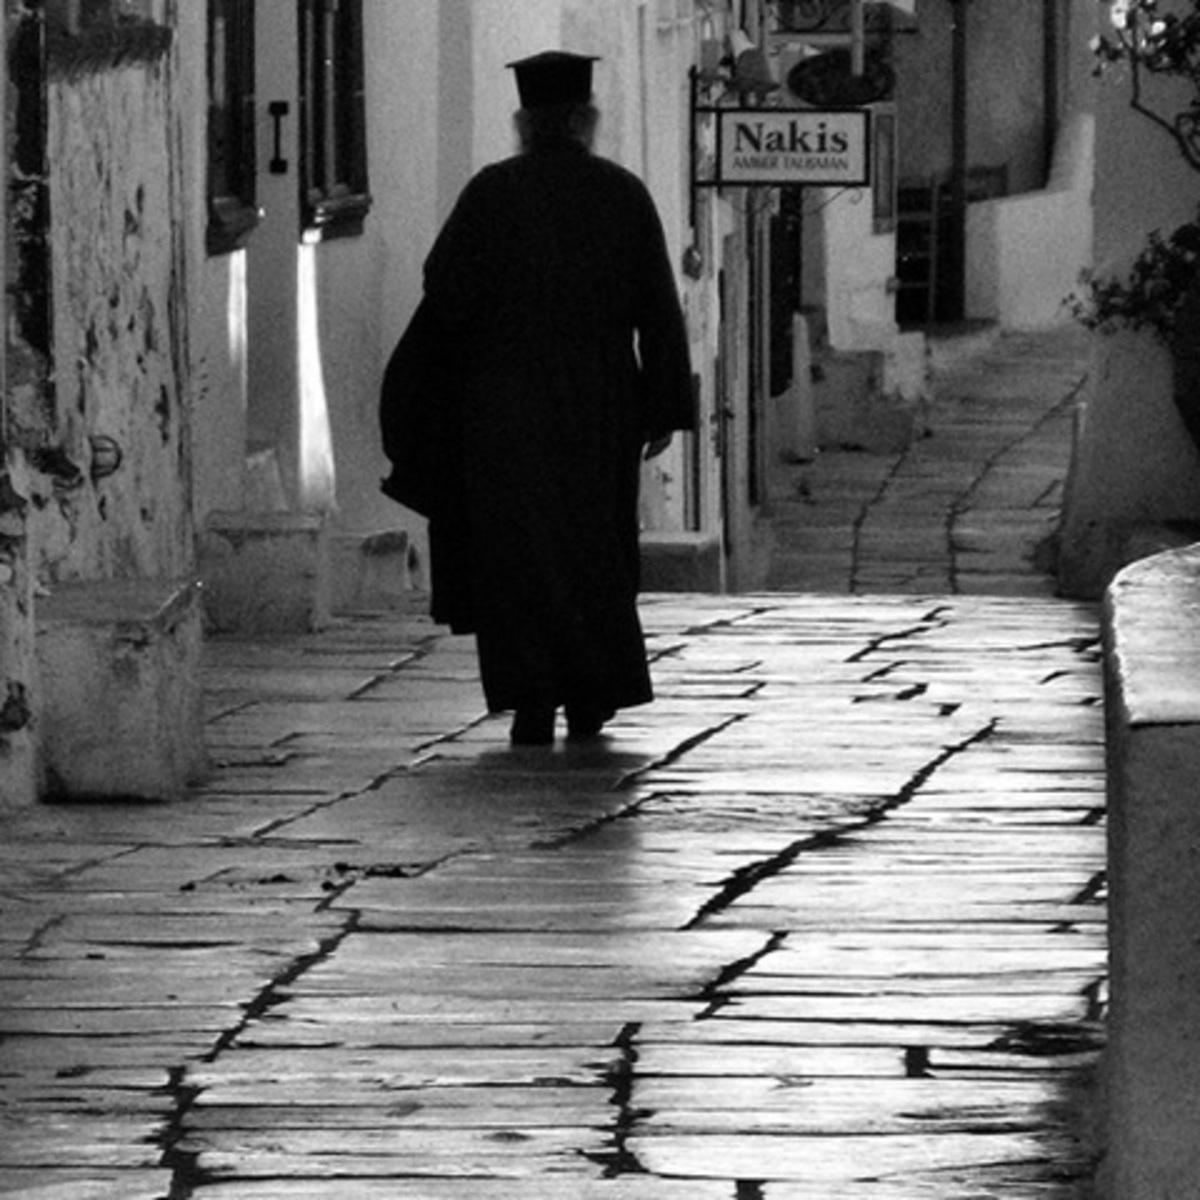 Θεσσαλονίκη: Η σπείρα που παγίδεψε 24 ιερείς και έβγαλε 455.000€! | Newsit.gr